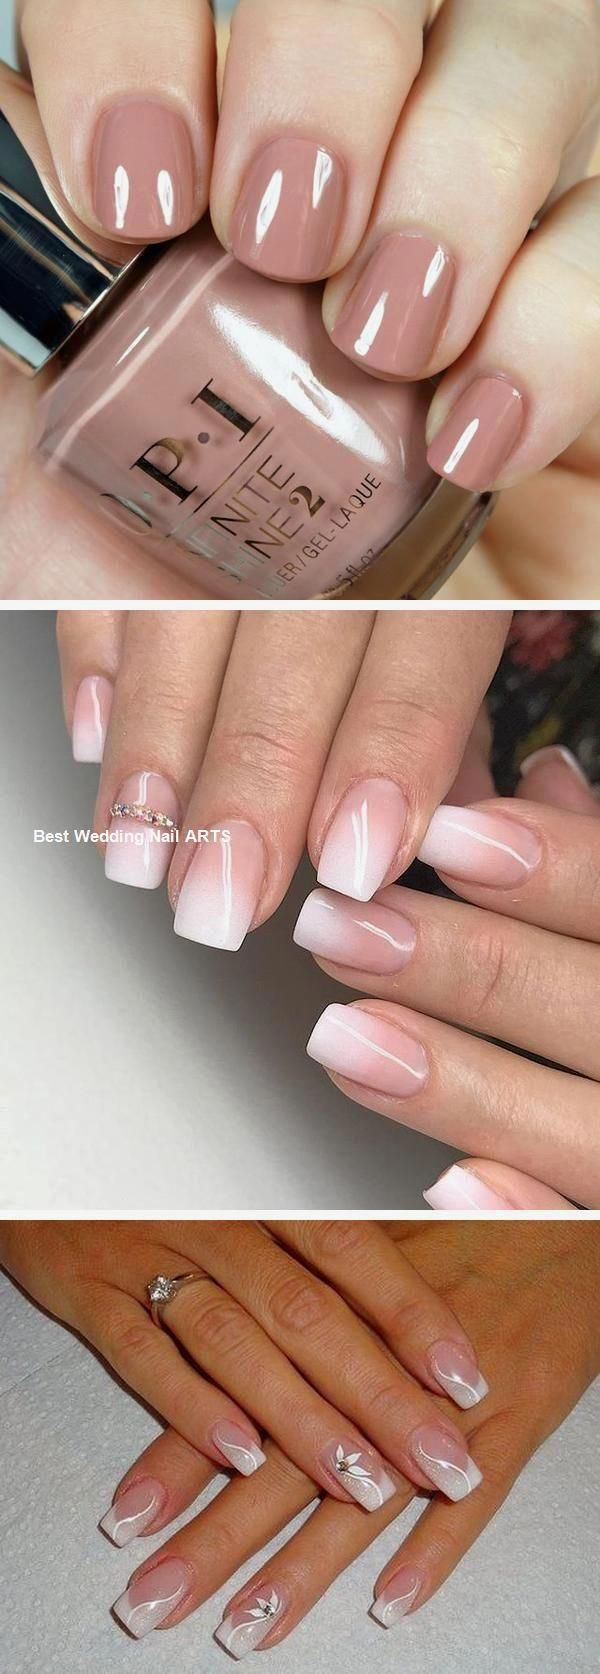 10 Best Bridal Nail Polishes | Wedding nail colors, Opi